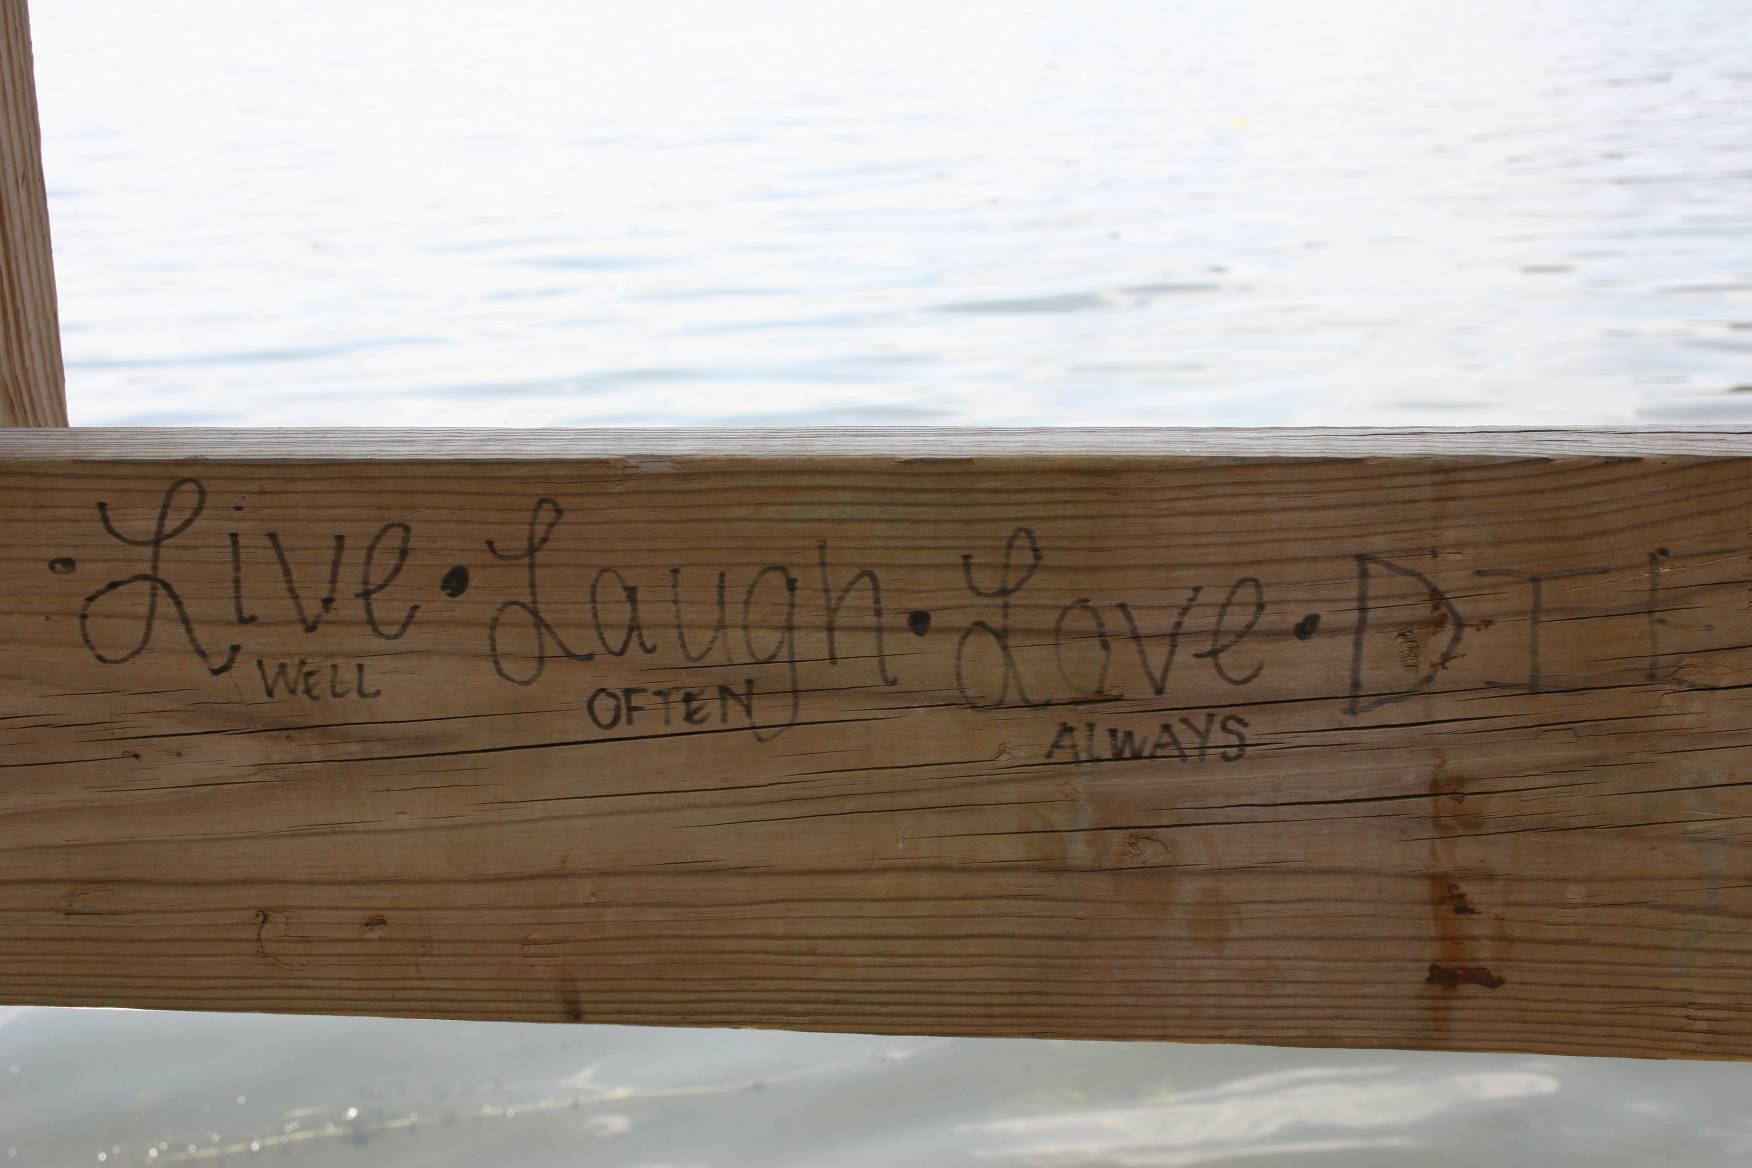 Not just graffiti, but a poem at Sibley Lake Park, Pequot Lakes.